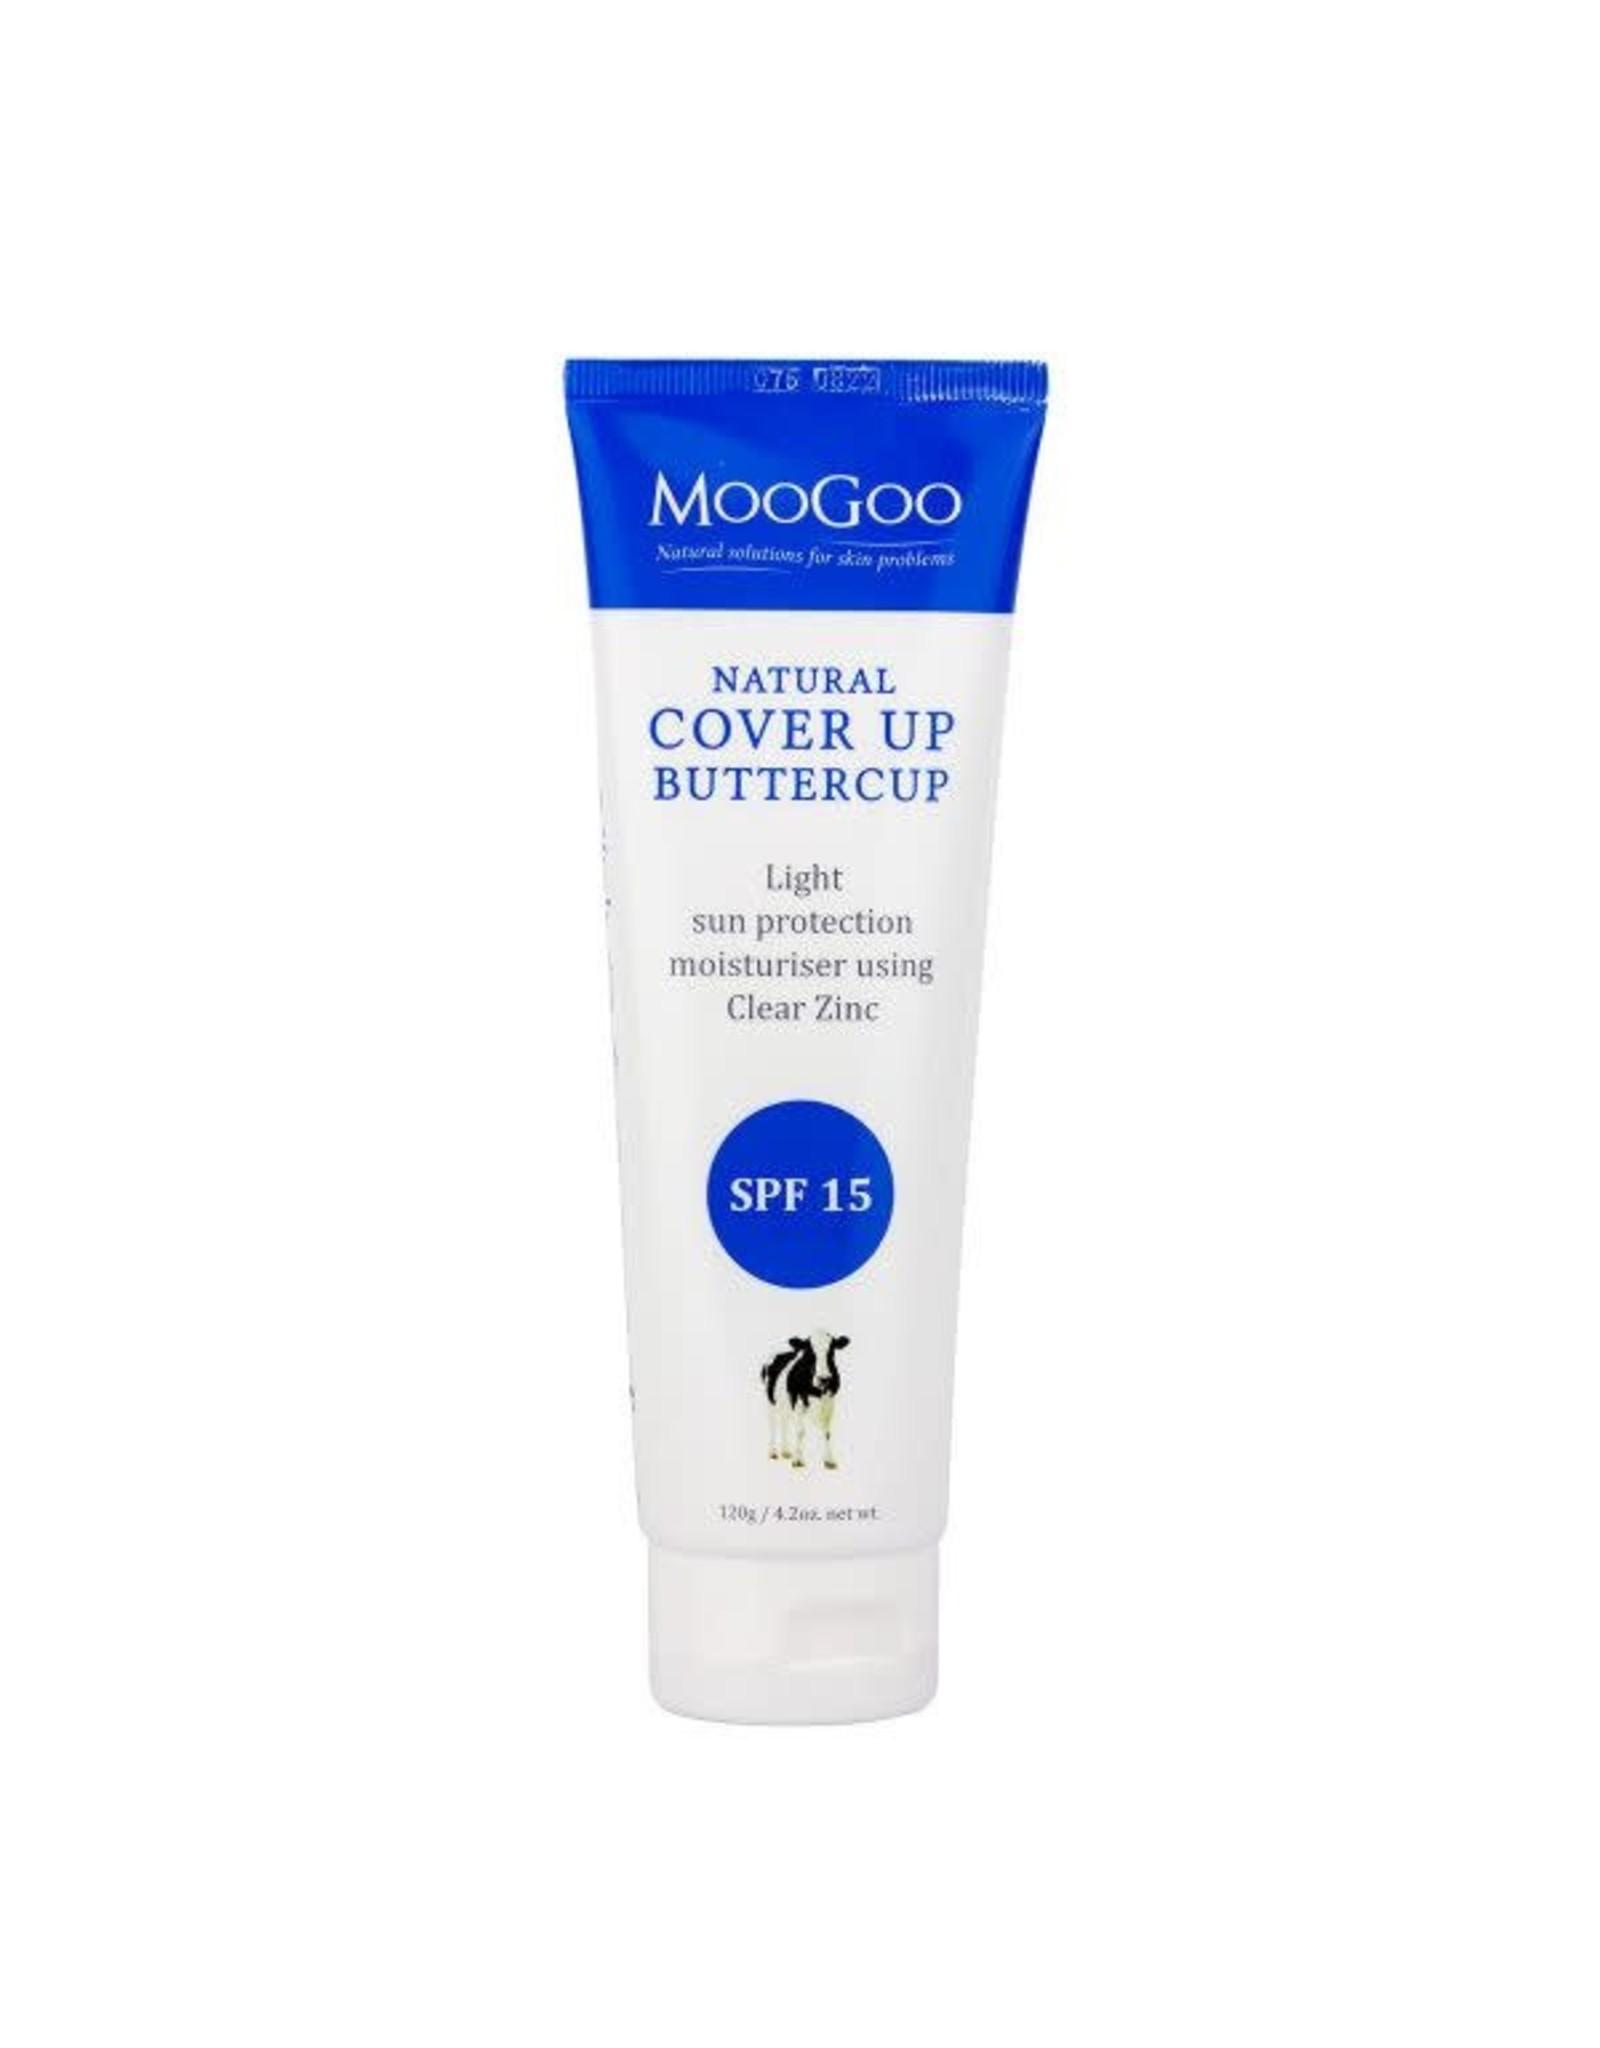 Moogoo Cover Up Buttercup SPF 15 Natural Moisturiser 120g